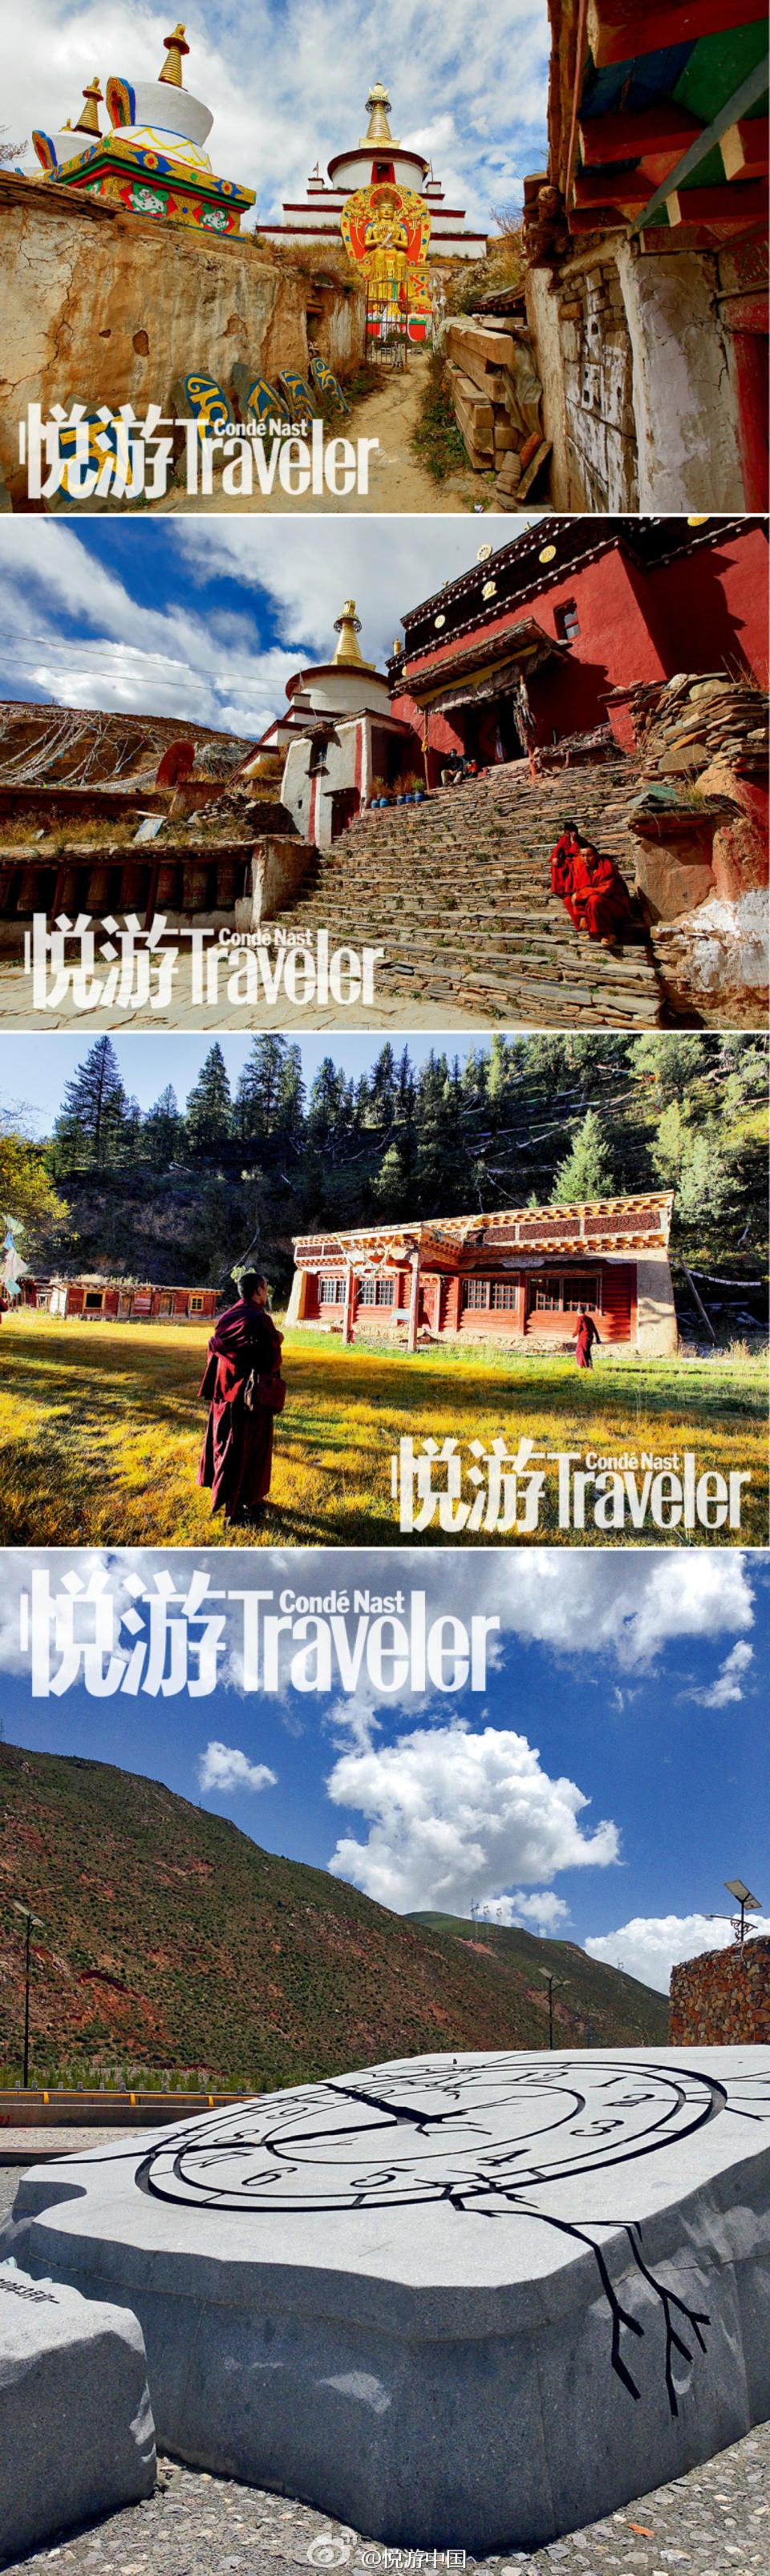 五年后,新玉树拔地而起。除了定格于2019-01-24的石钟和地震遗址博物馆,从外表上几乎看不到这座城市的伤痕。几座由建筑师设计的先锋建筑已经成为城市的新地标,散落在山间的寺庙和佛塔已接近完工,禅古寺迁址,结古寺依旧守望神山,世界上最大的嘛呢堆还在继续增长。